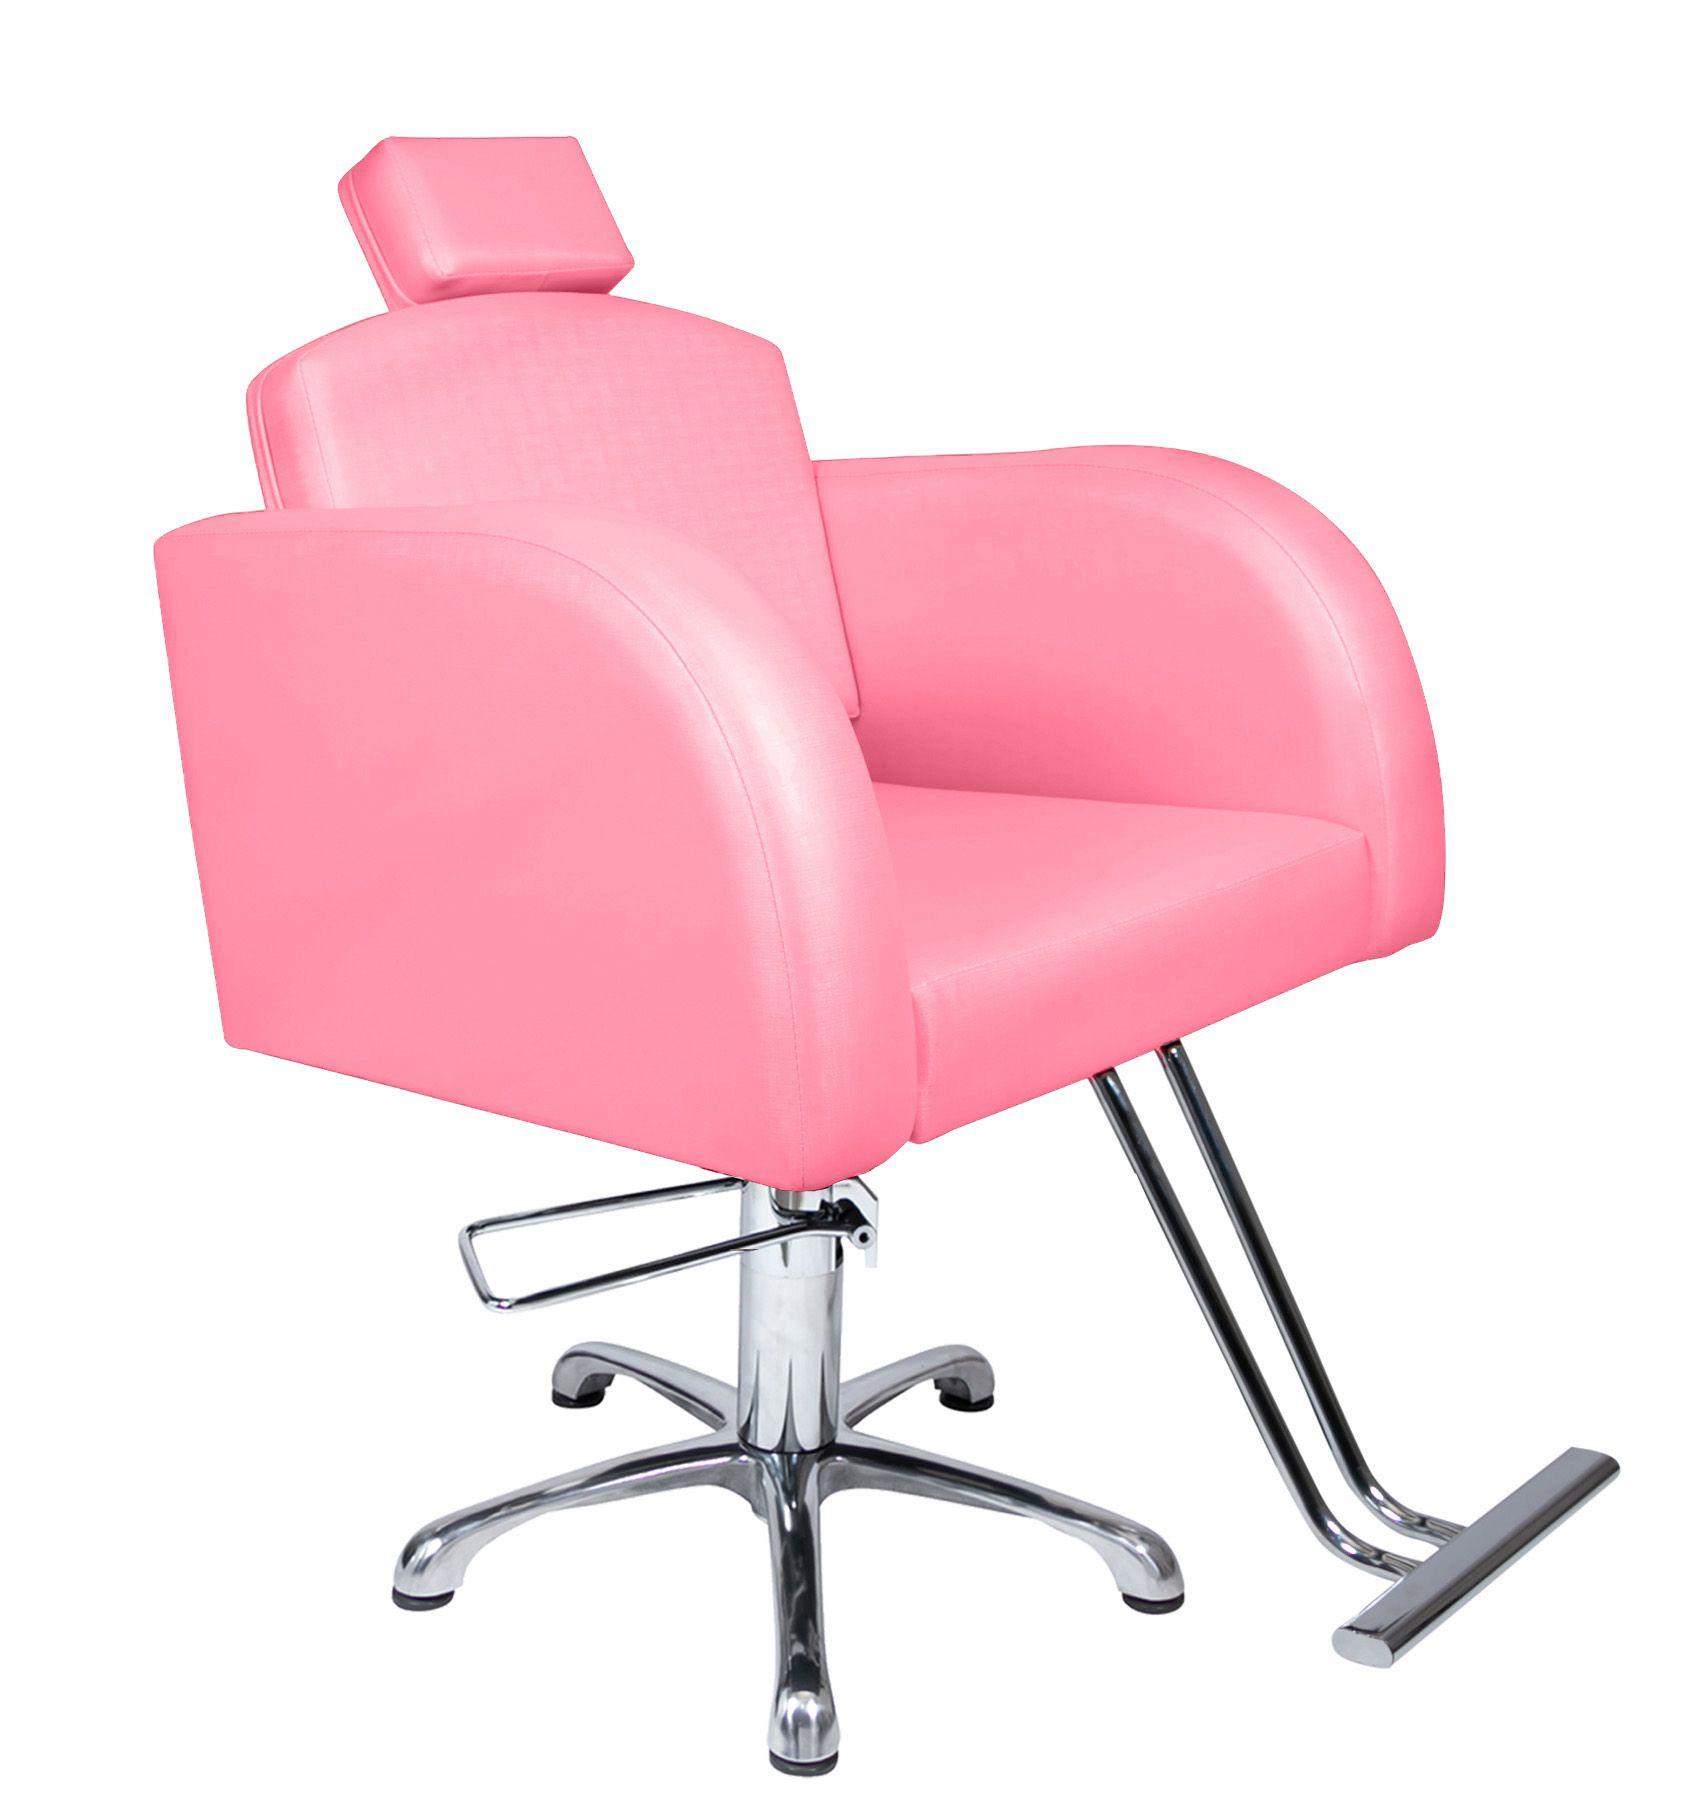 Poltrona Cadeira Hidráulica Destak Fixa Para Salão Rosa Factor